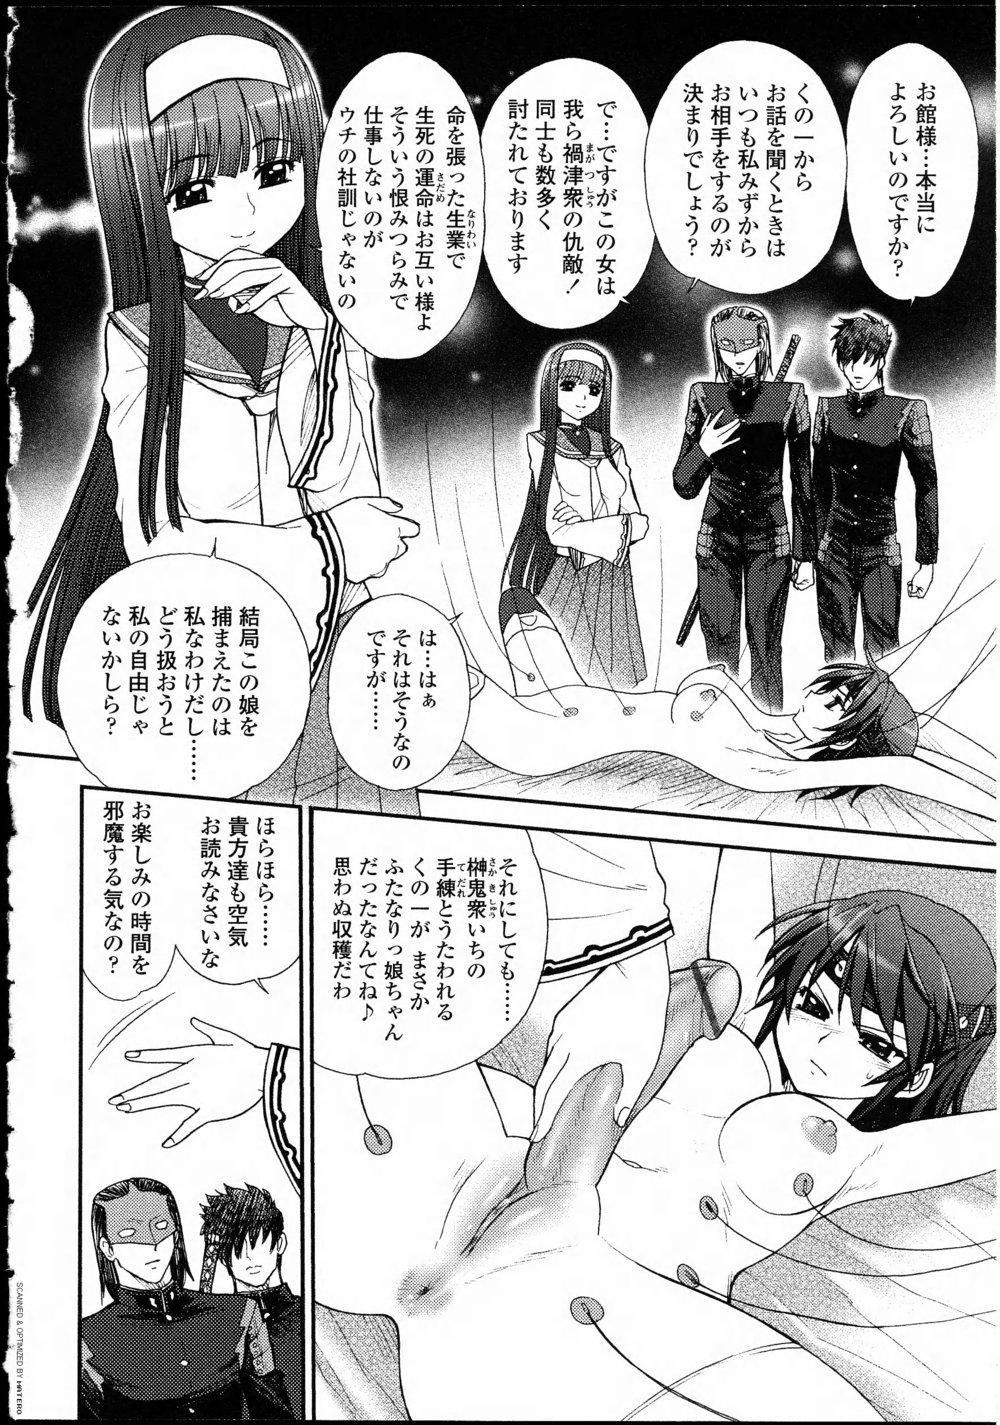 Futanarikko LOVE 10 75